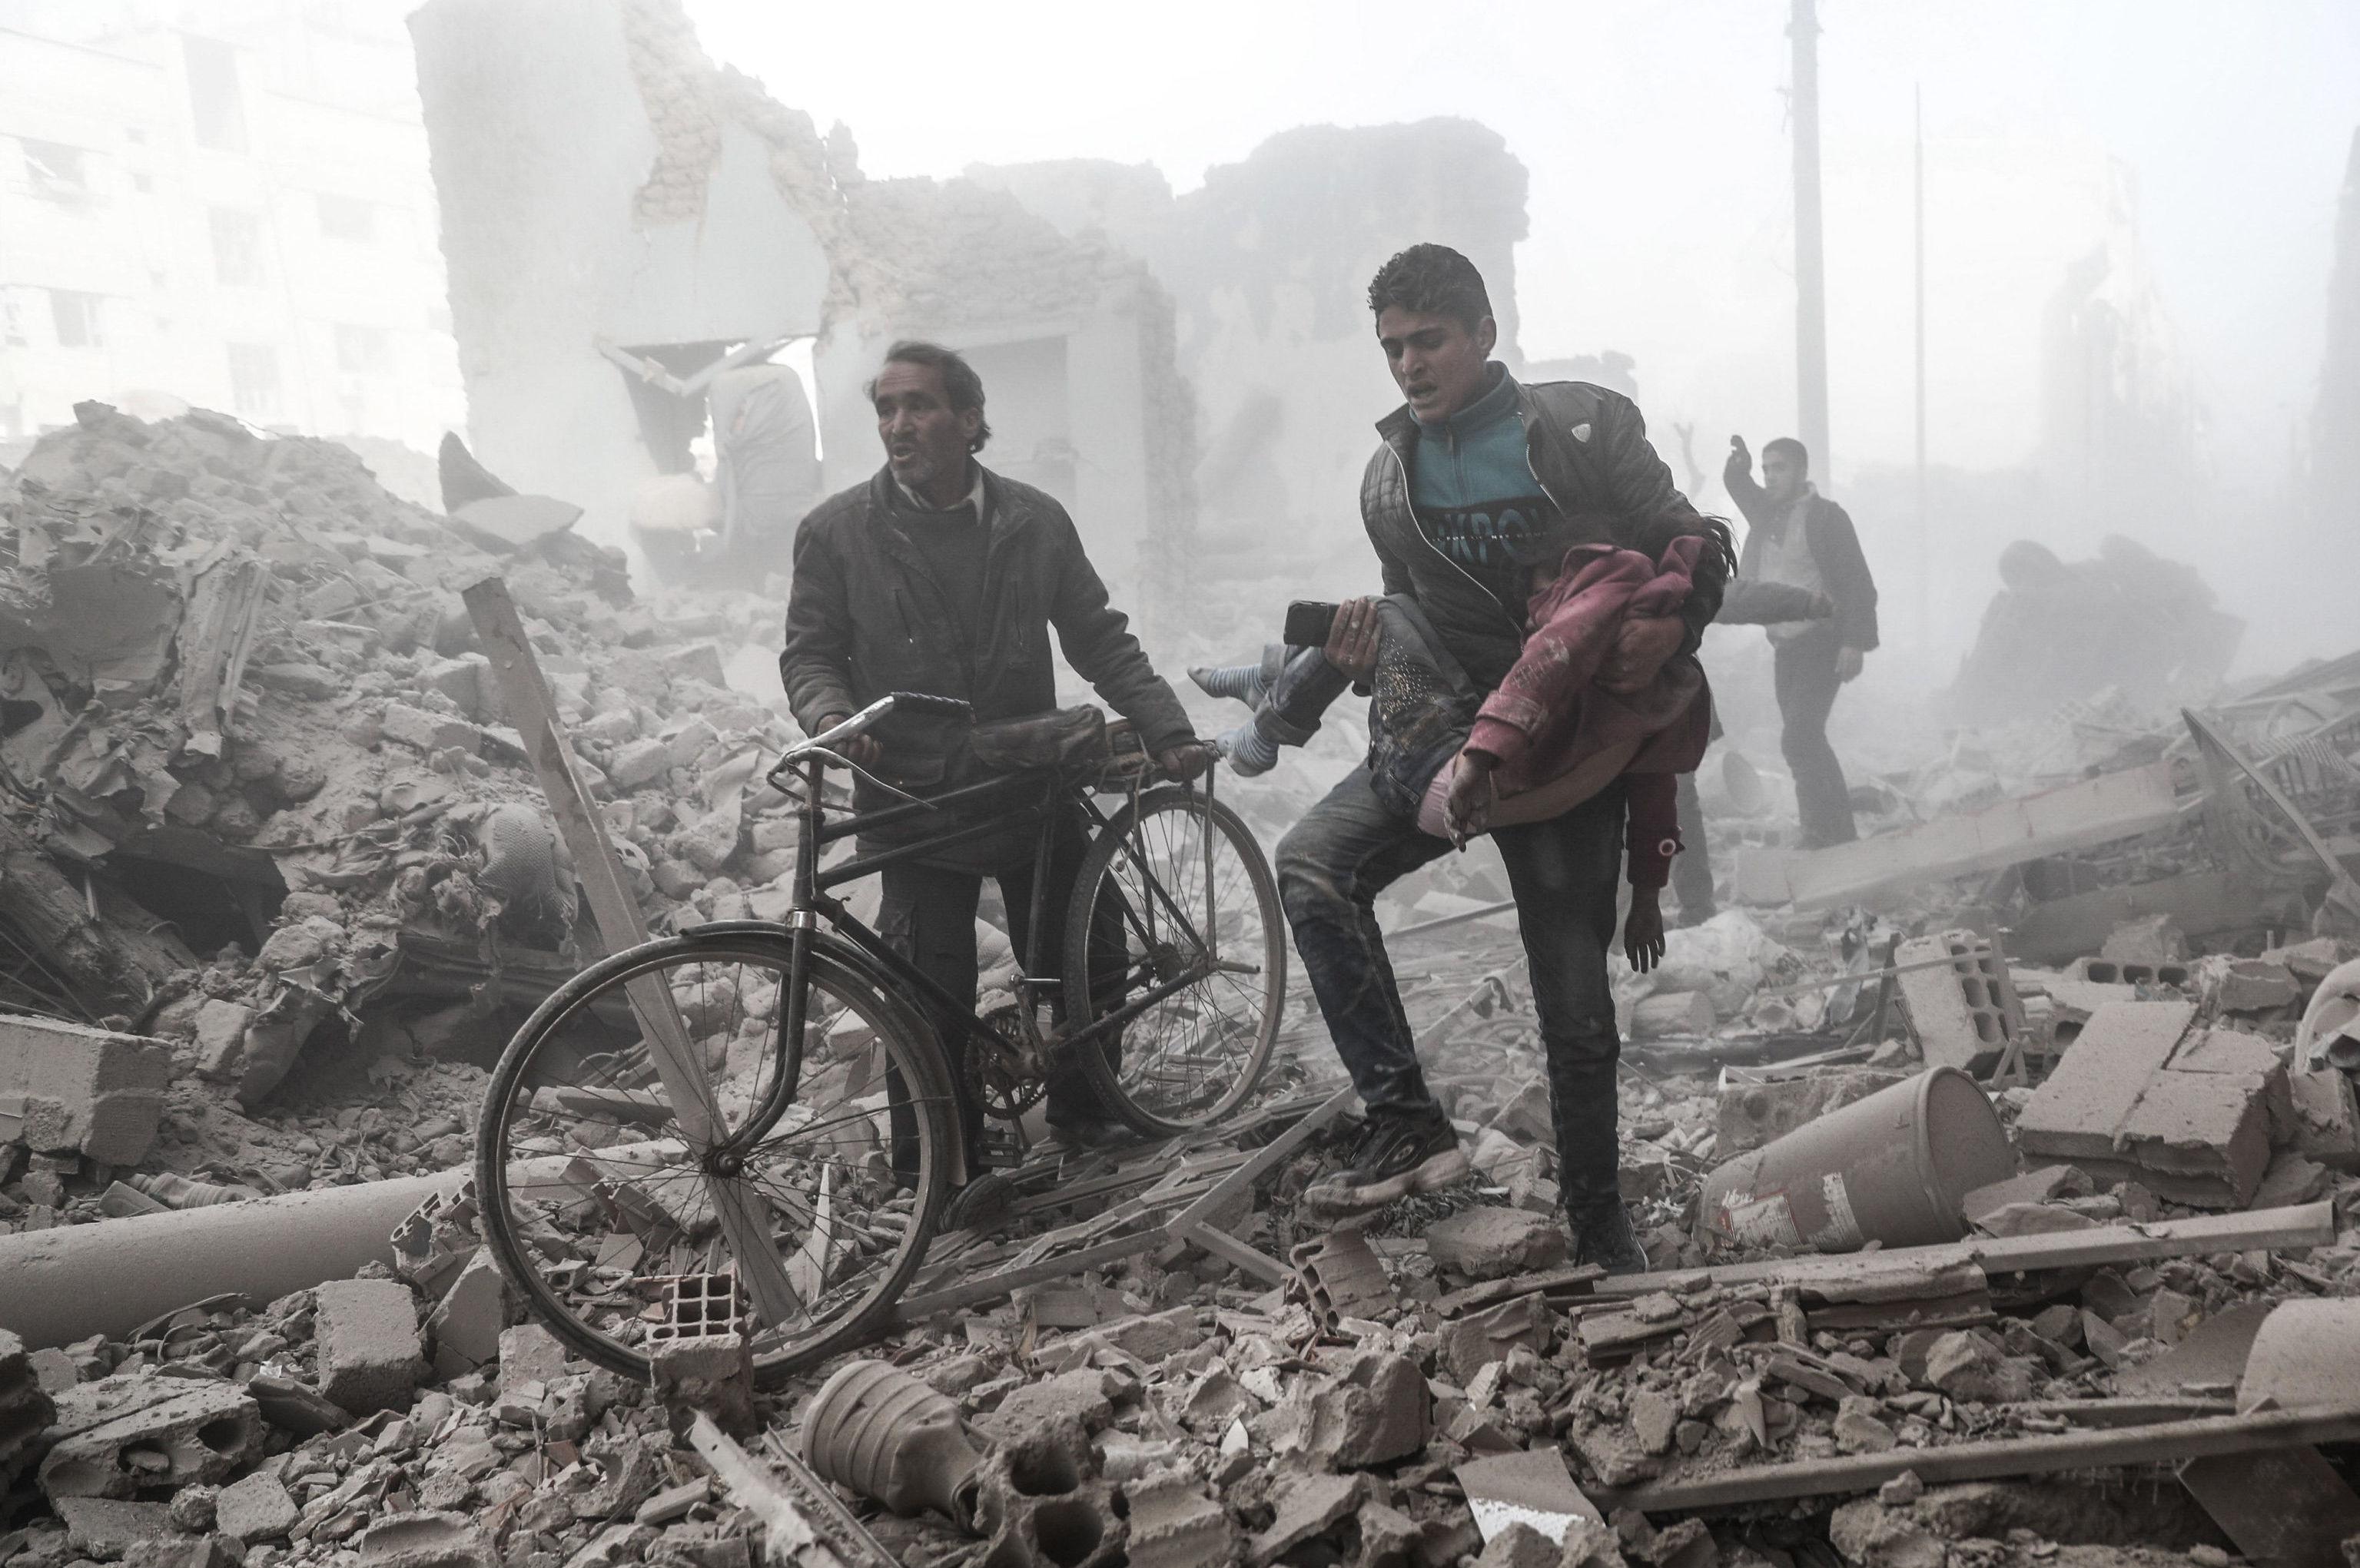 المركز الأول في فئة الأخبار الرئيسية، كان من نصيب العمل المميز للمصور الفرنسي، سوري الأصل، سمير الدومي بعنوان من صراع إلى آخر